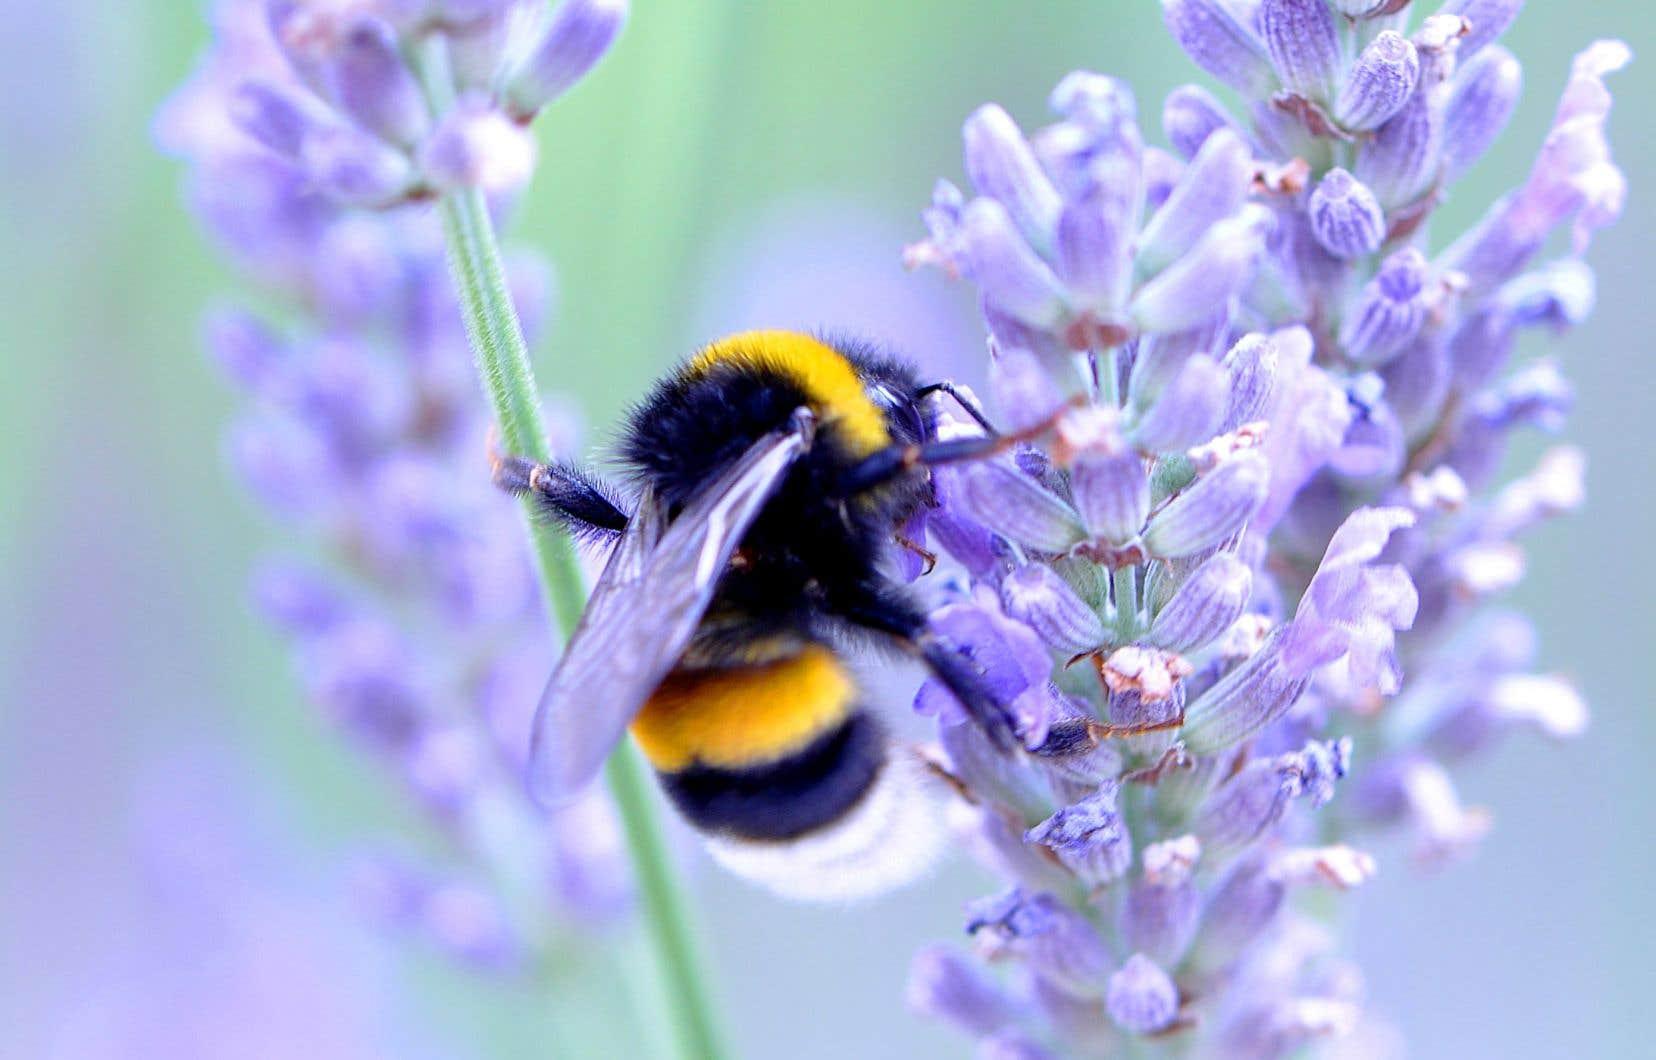 Pour aider les pollinisateurs, pourquoi ne pas laisser fleurir de la lavande ou dans son jardin sur son balcon?